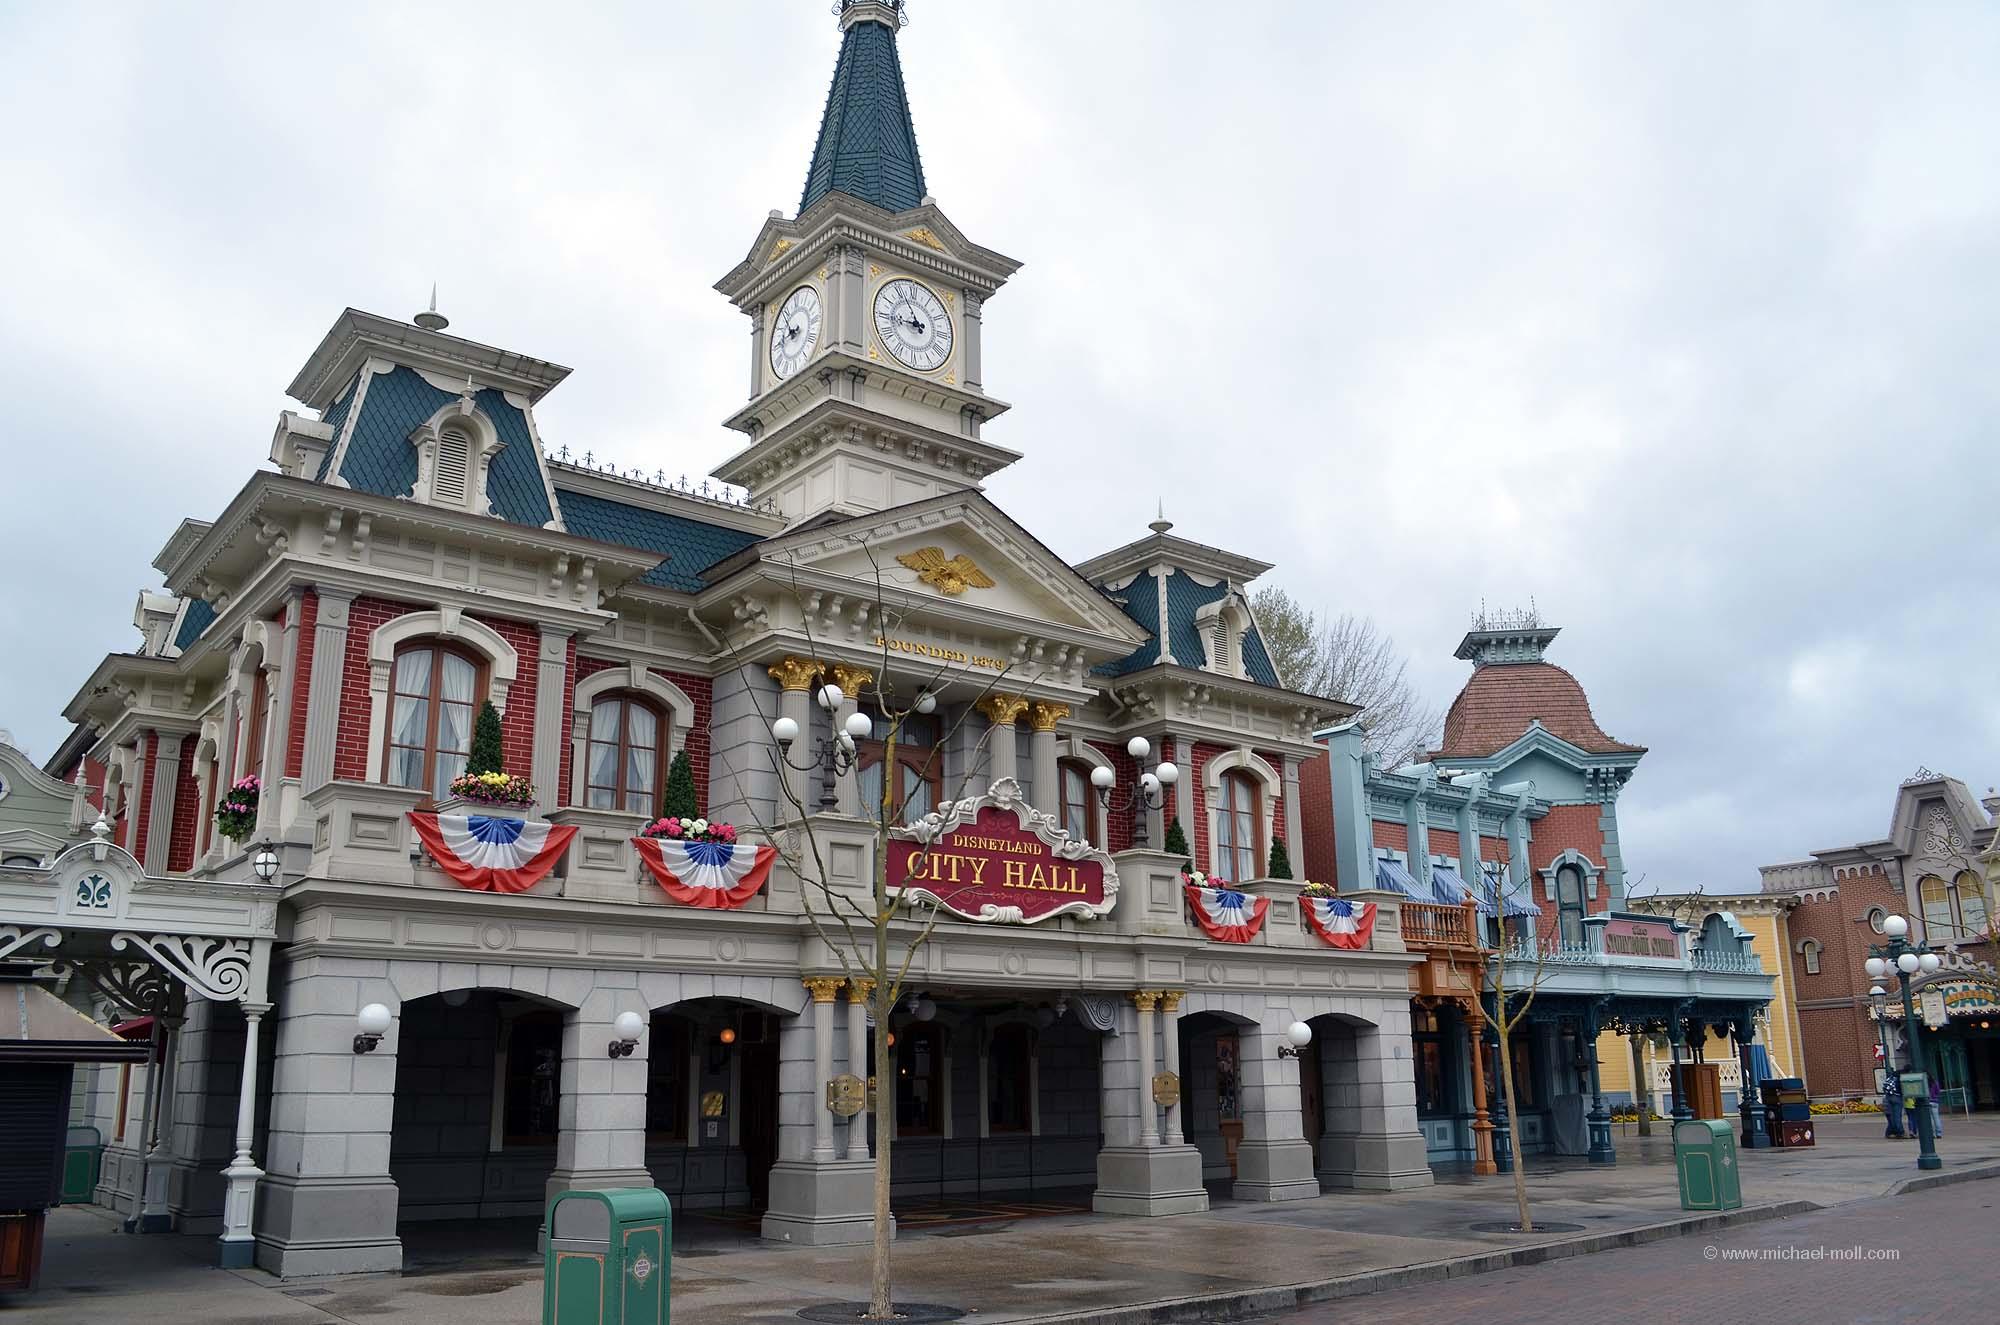 Rathaus mit Touristinformation